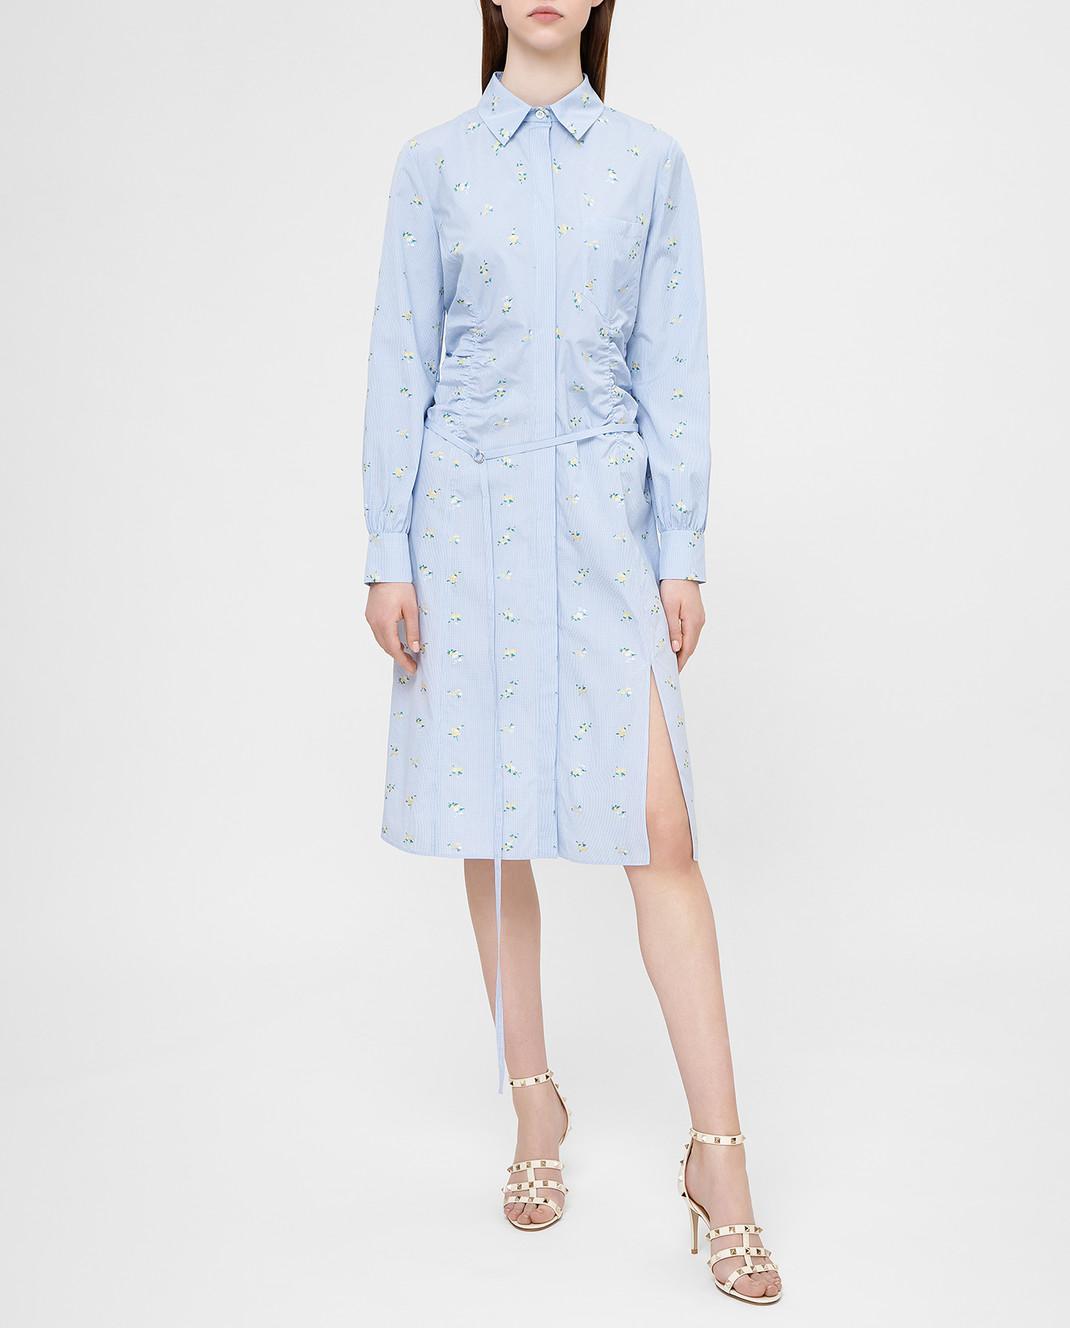 Altuzarra Голубое платье изображение 2